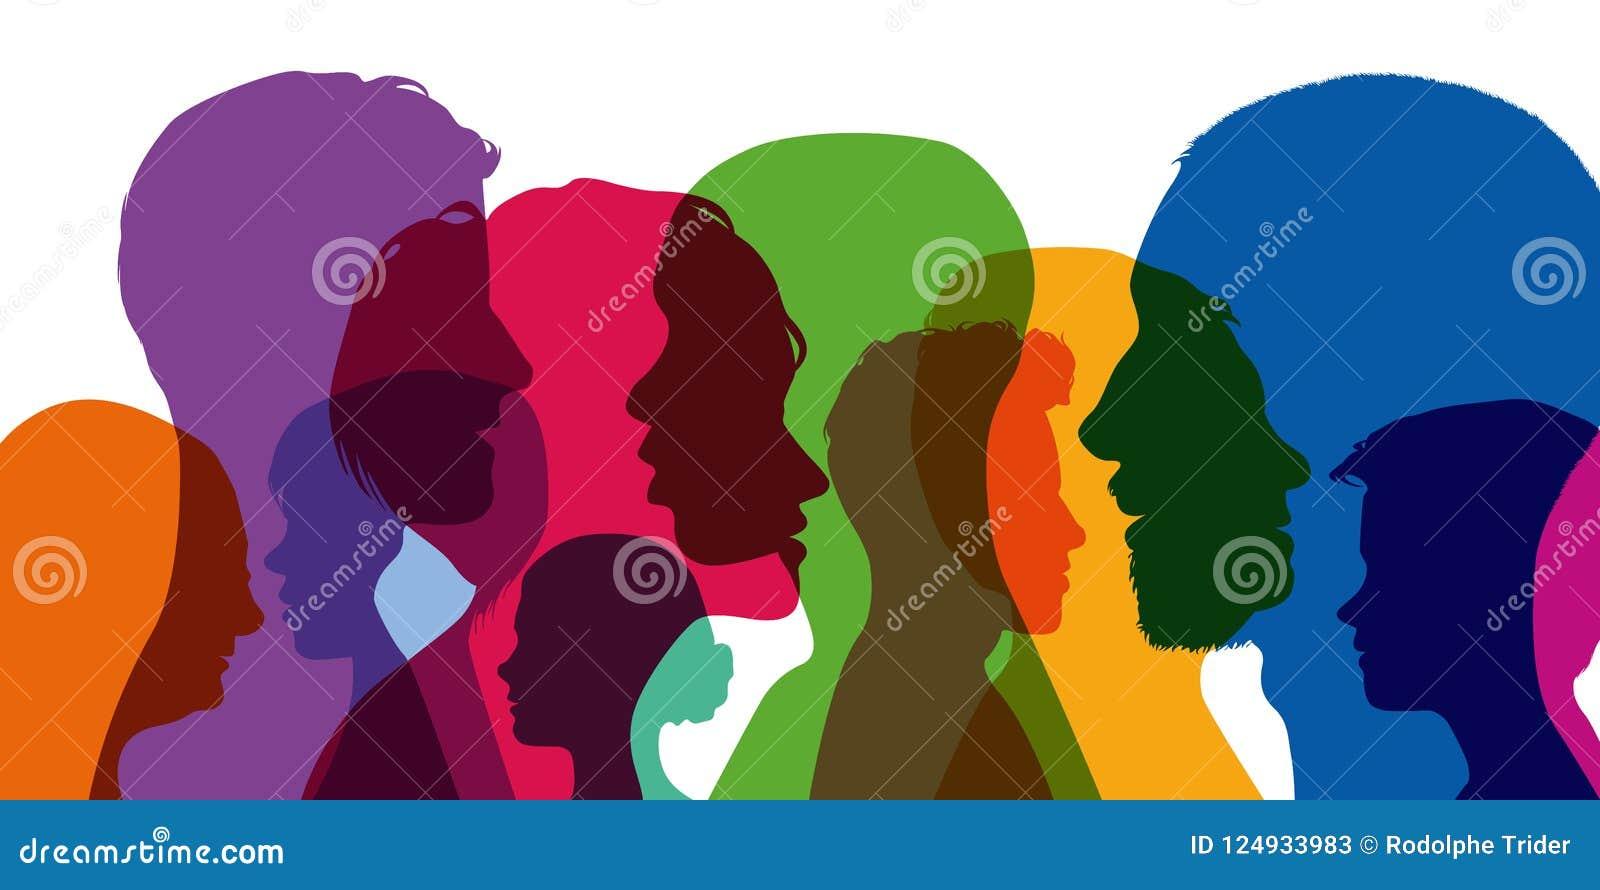 Έννοια της ποικιλομορφίας της ανθρωπότητας με το superposition των διαφορετικών σχεδιαγραμμάτων